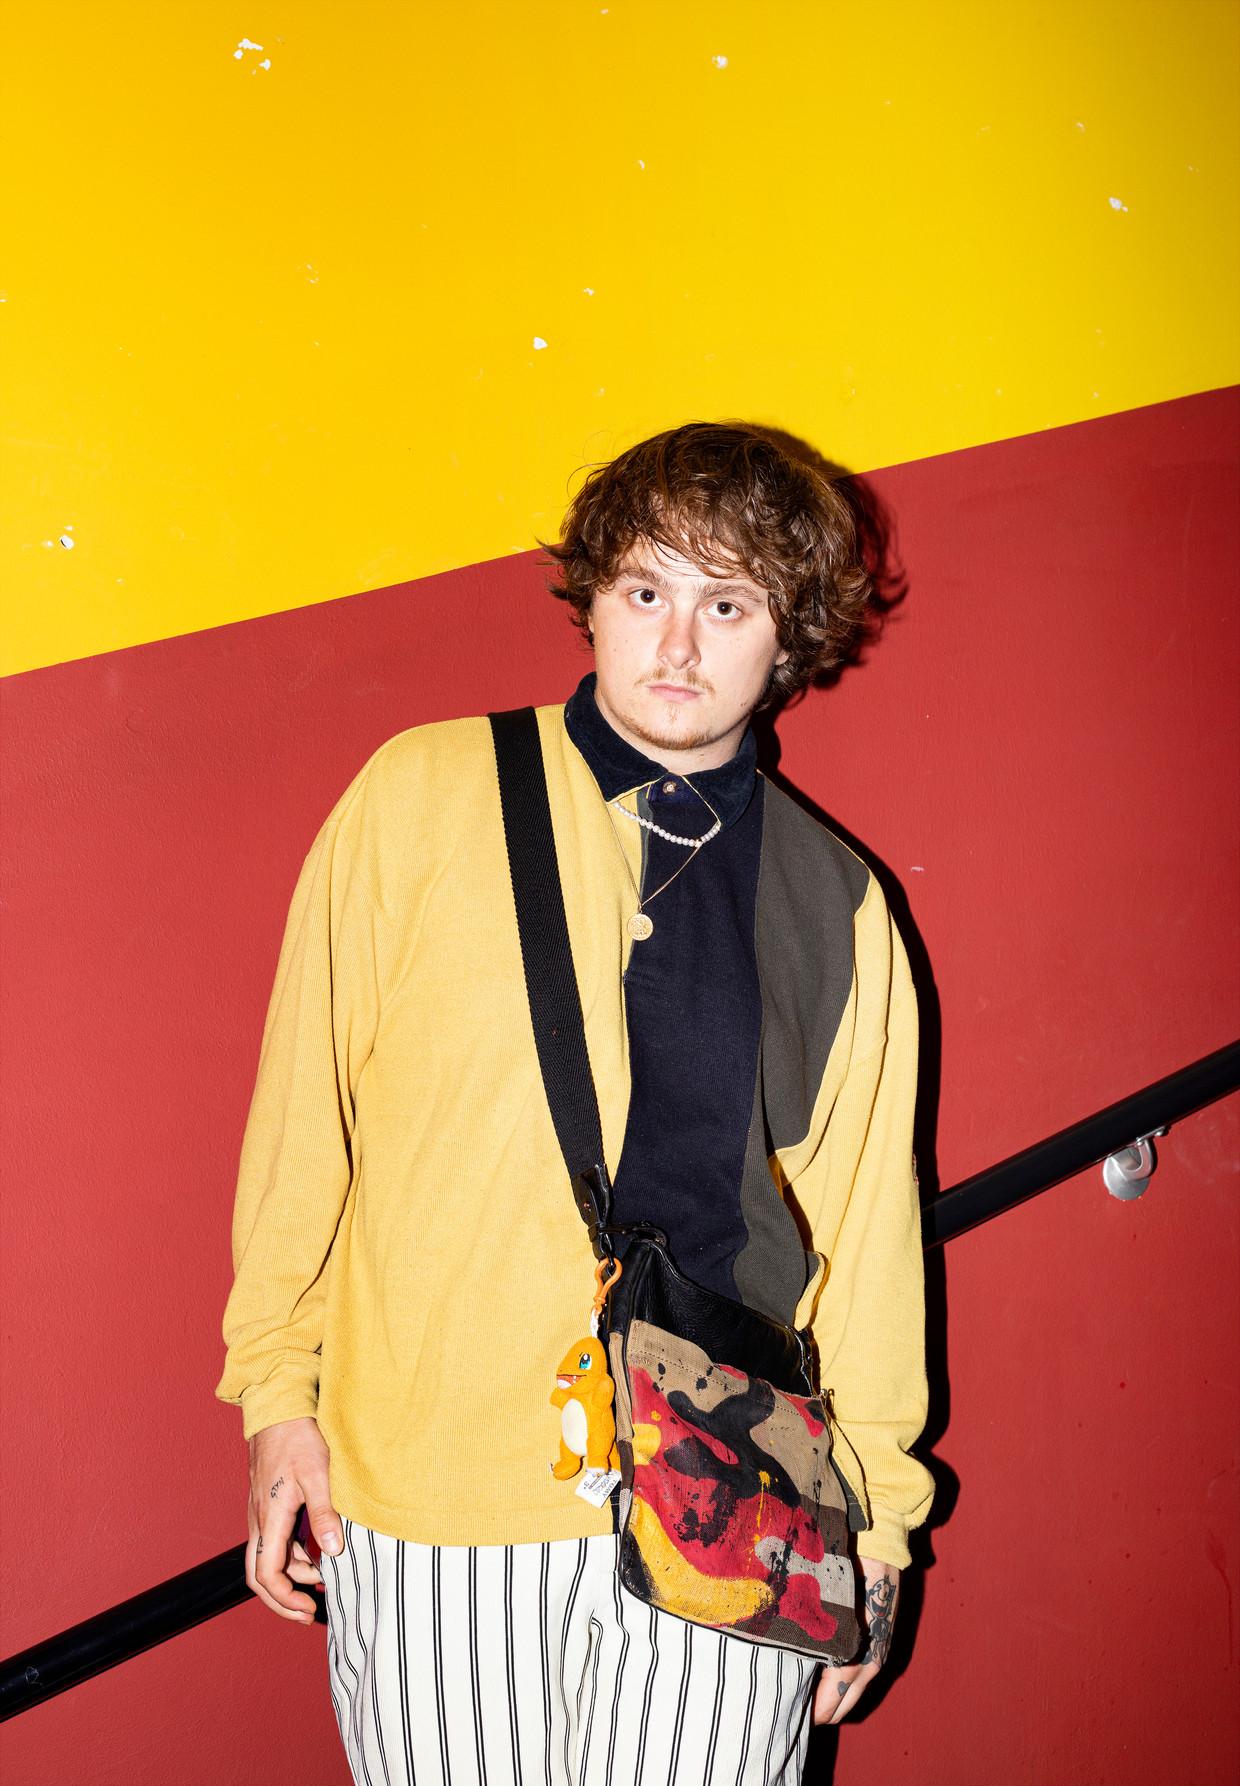 Stijn Schrijber alias Styn: 'Ik dacht: als ik meer gefocust en minder lui met mijn muziek omga, kan ik er snel van leven.'